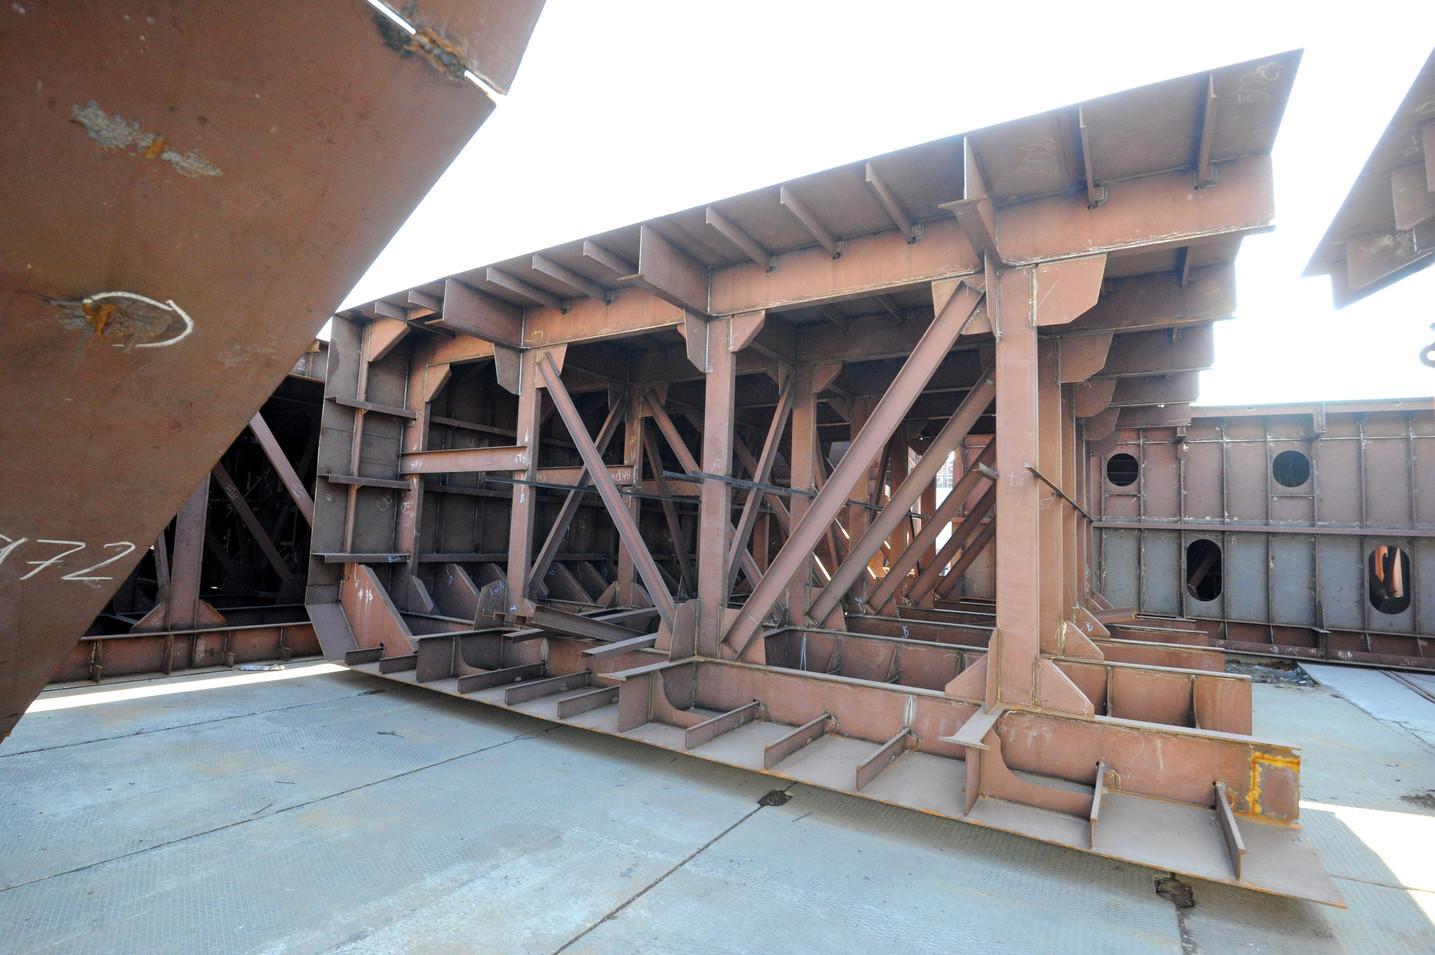 Третє несамохідне судно-майданчик пр. В1500 (зам. 10037)